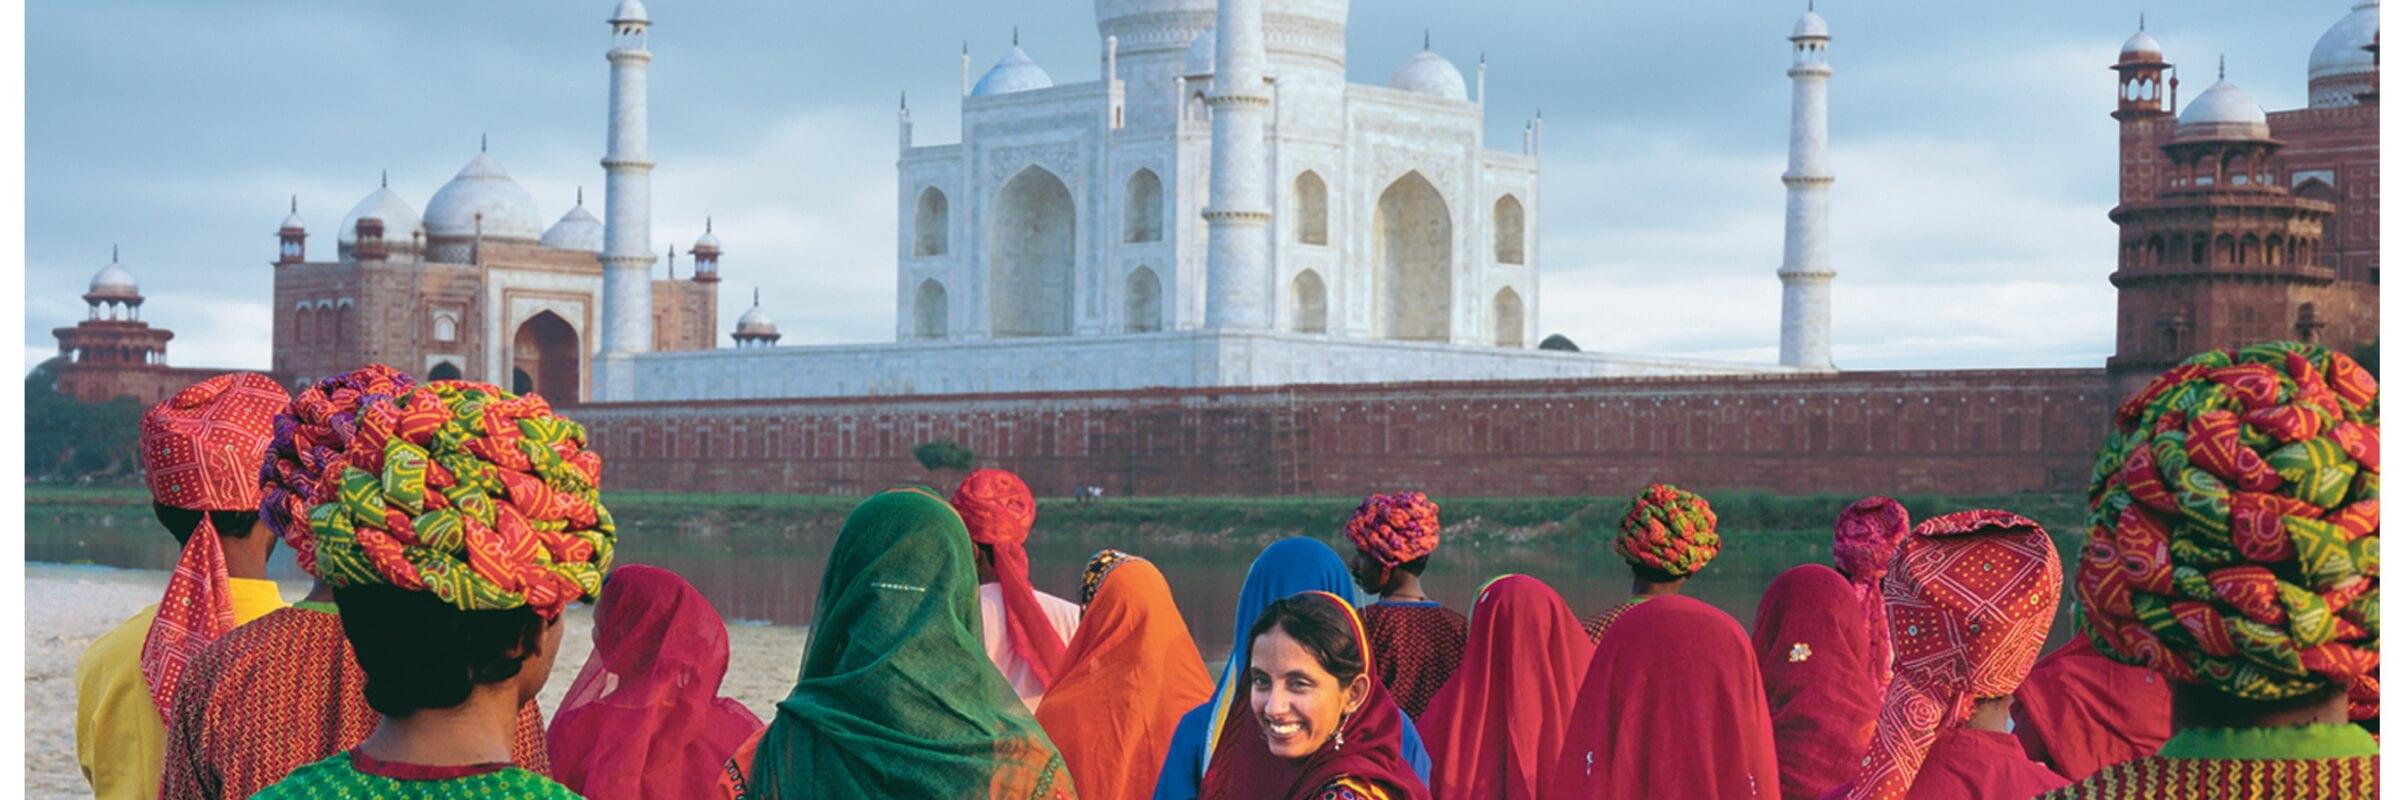 Das Taj Mahal ist ein Mausoleum in Form einer Moschee, welches Großmogul Shah Jahan zu Ehren seiner Liebe Mumtaz Mahal erbauen ließ. Seit 1983 zählt es zum UNESCO Weltkulturerbe.